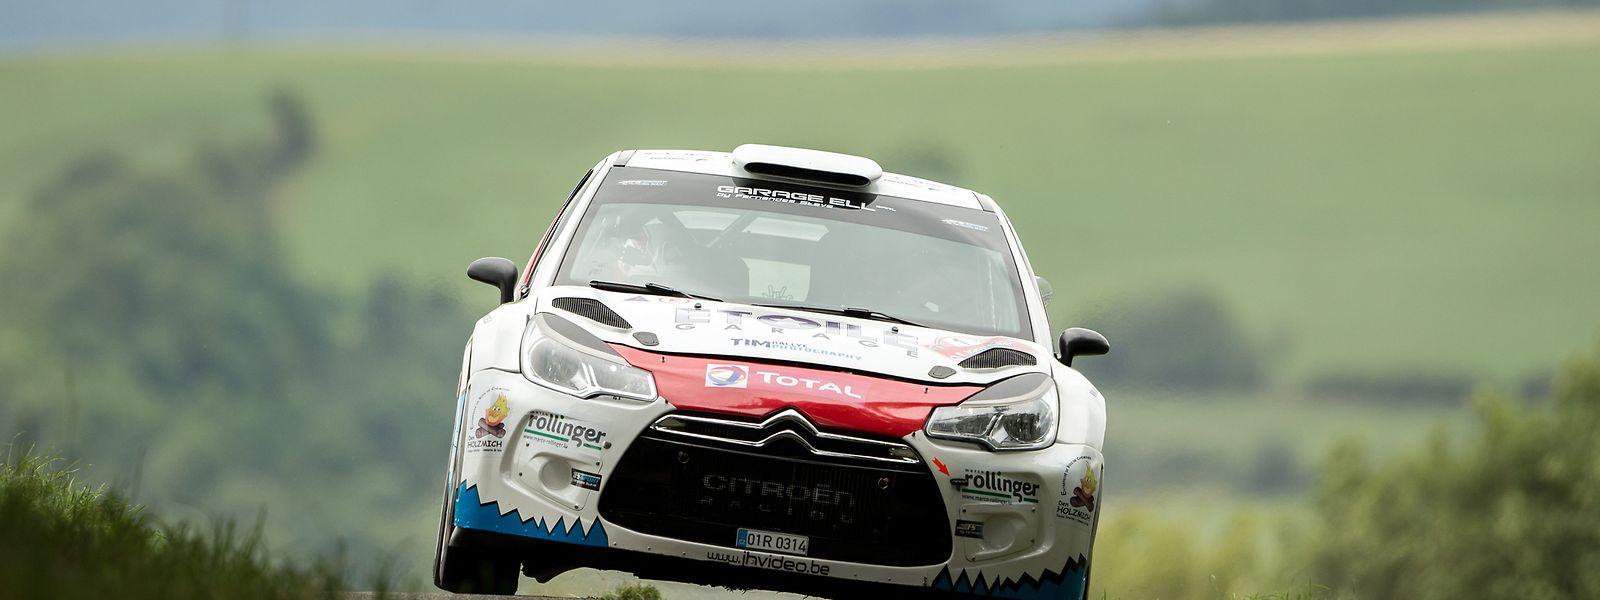 Die Rallye Lëtzebuerg bietet spektakulären Motorsport.